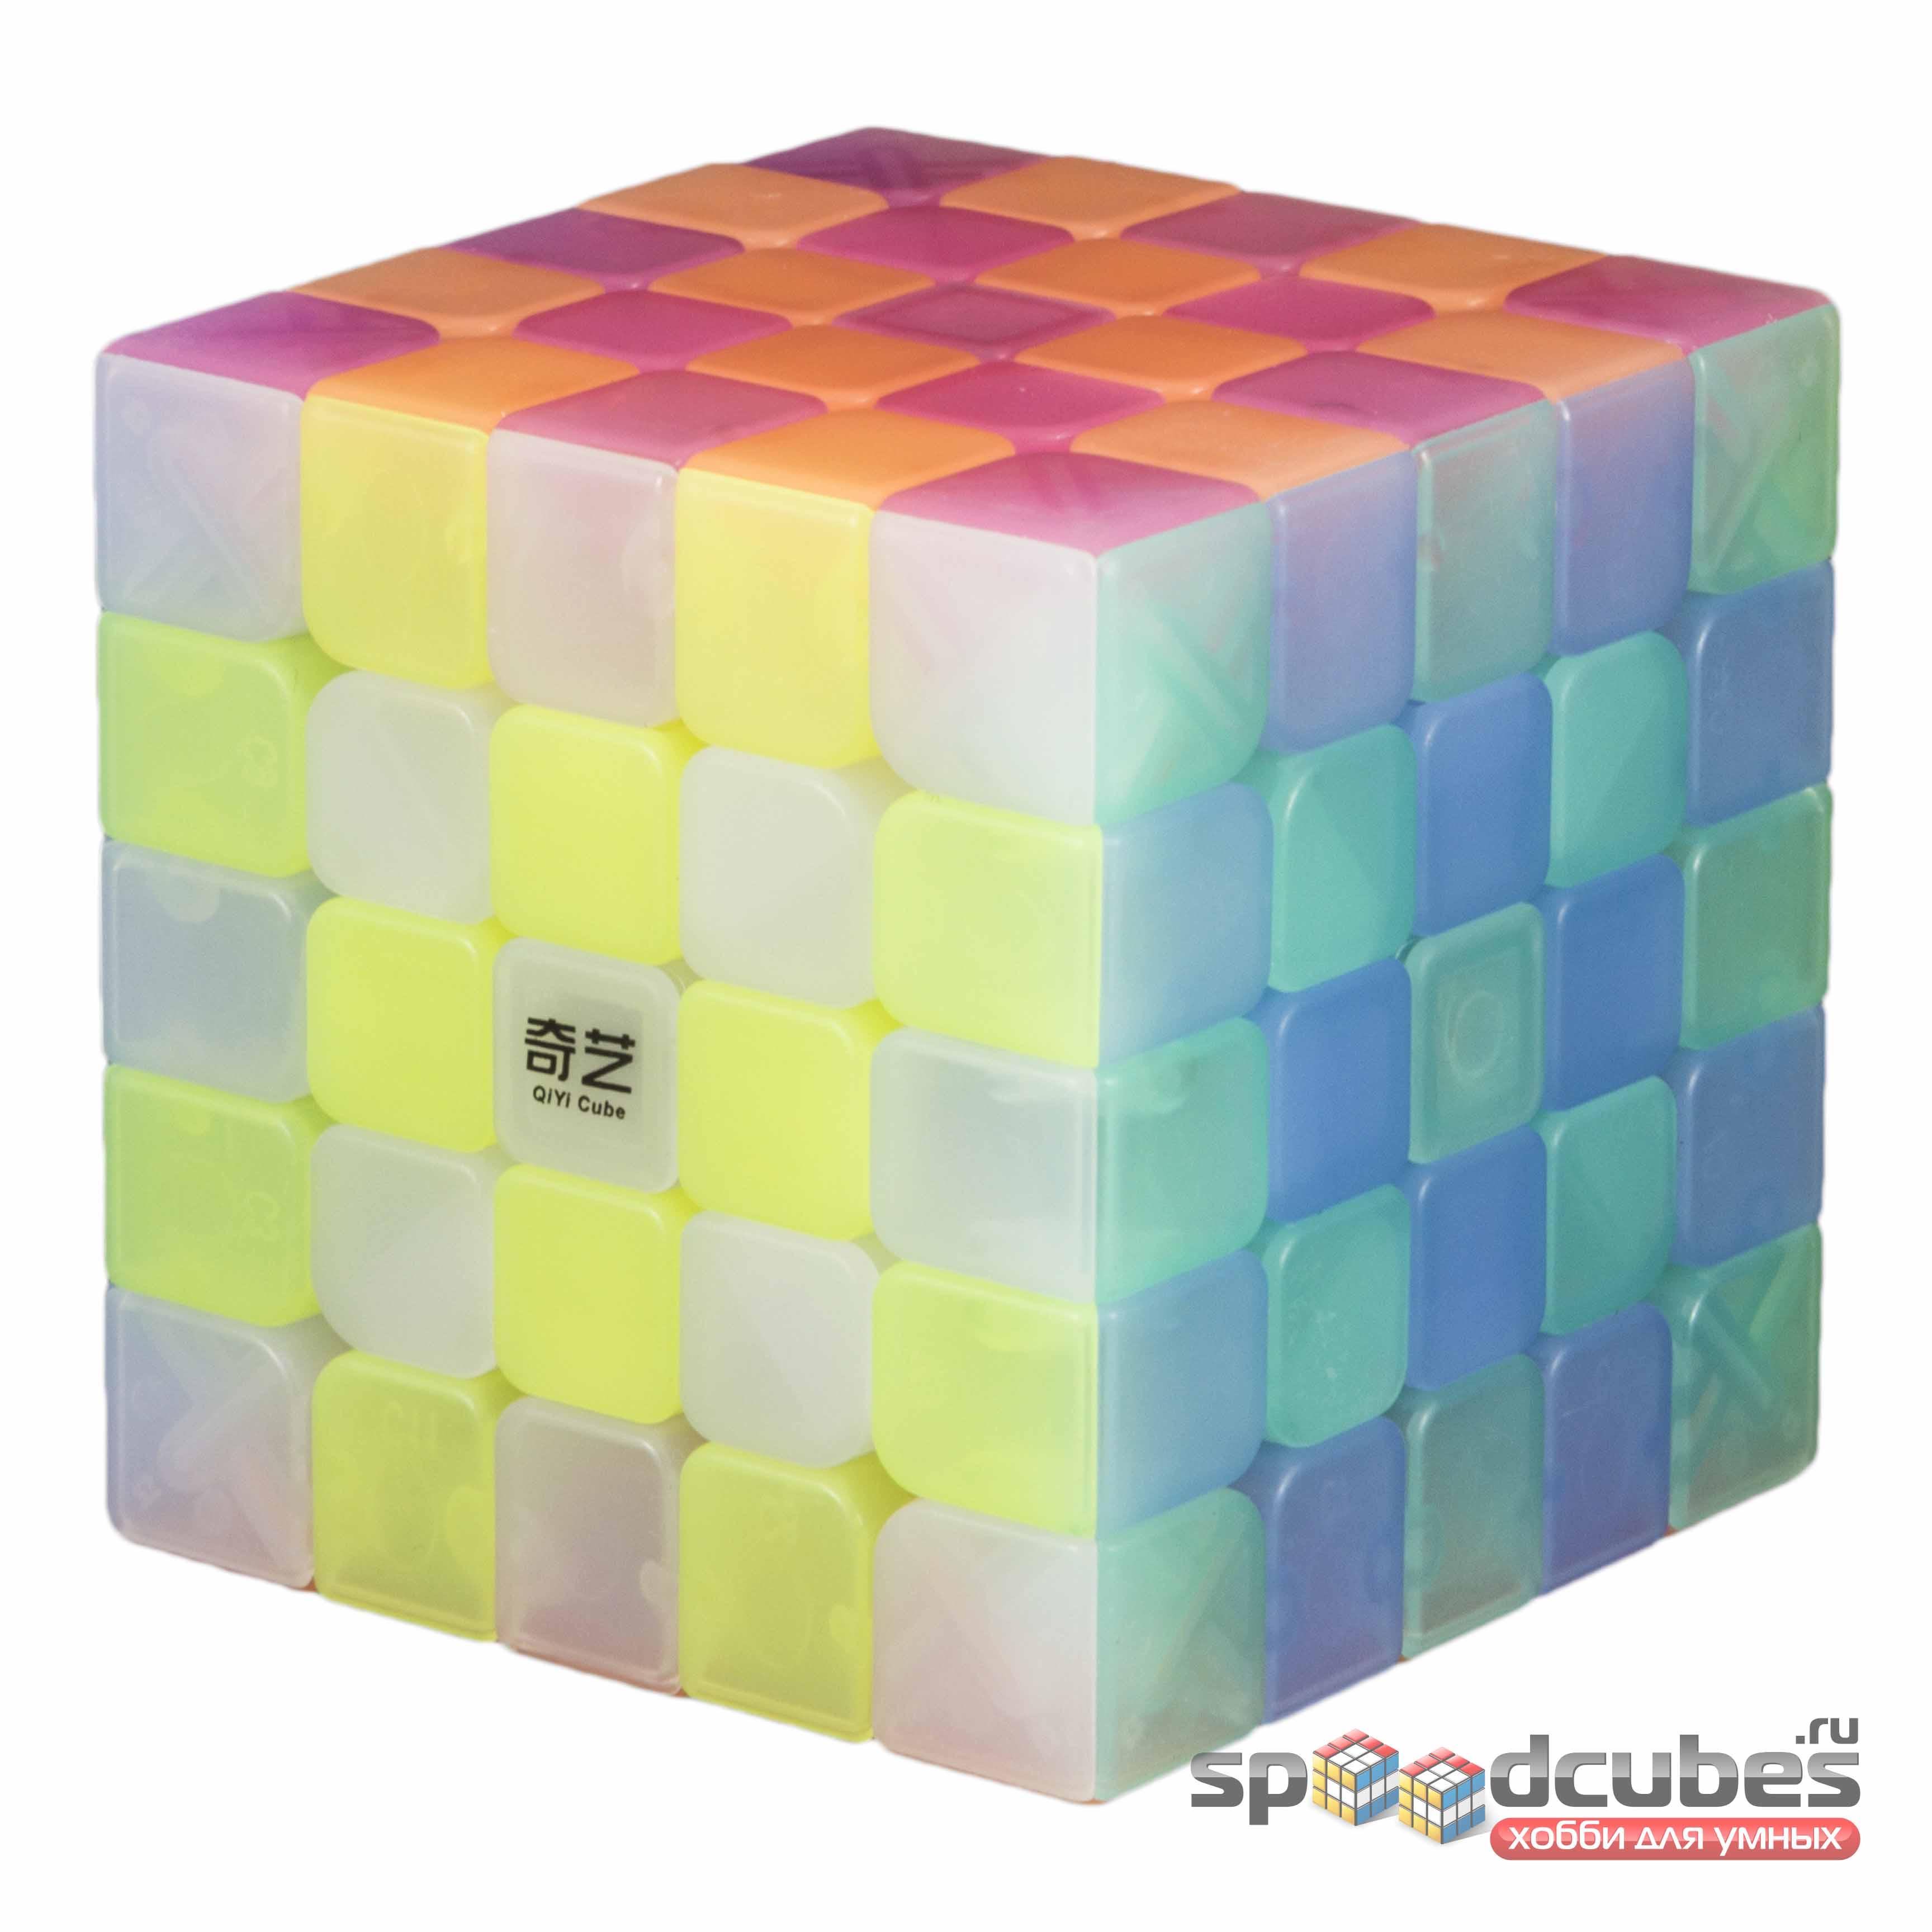 QiYi (MoFangGe) 5x5x5 Jelly Cube 3